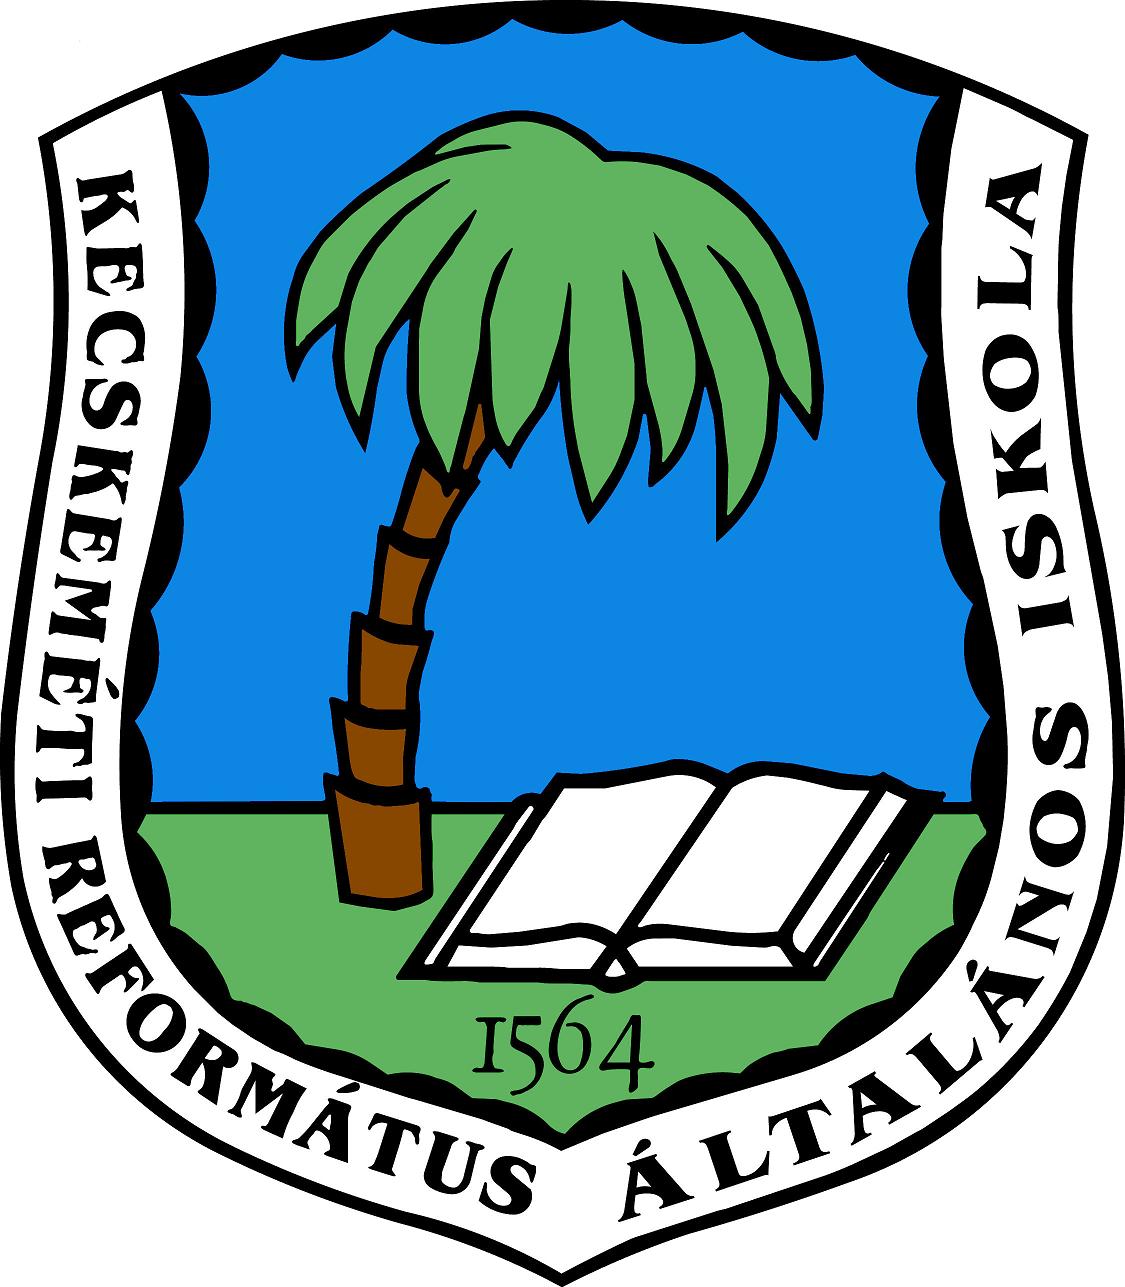 Kecskeméti Református Általános Iskola